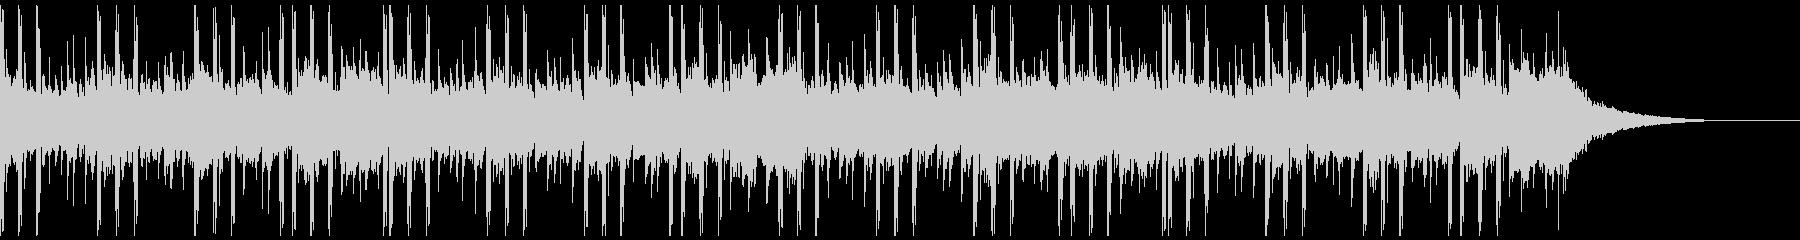 インスピレーション技術(ショート1)の未再生の波形